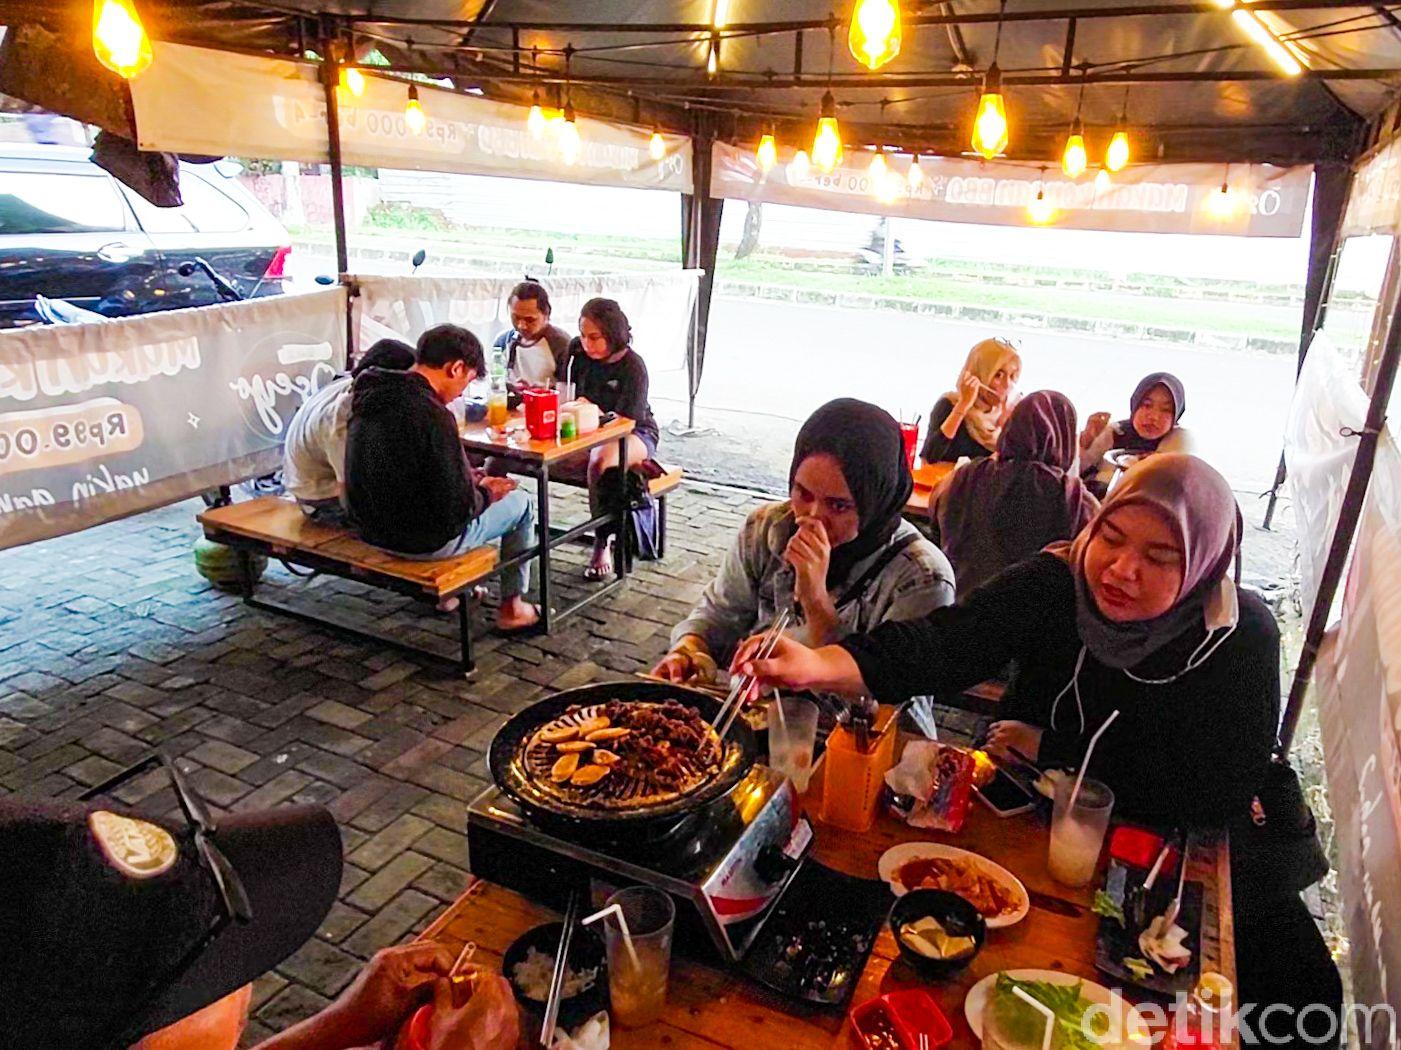 Korean BBQ Murah di Depok. Harganya Hanya Rp 99 Ribu untuk 4 Orang.